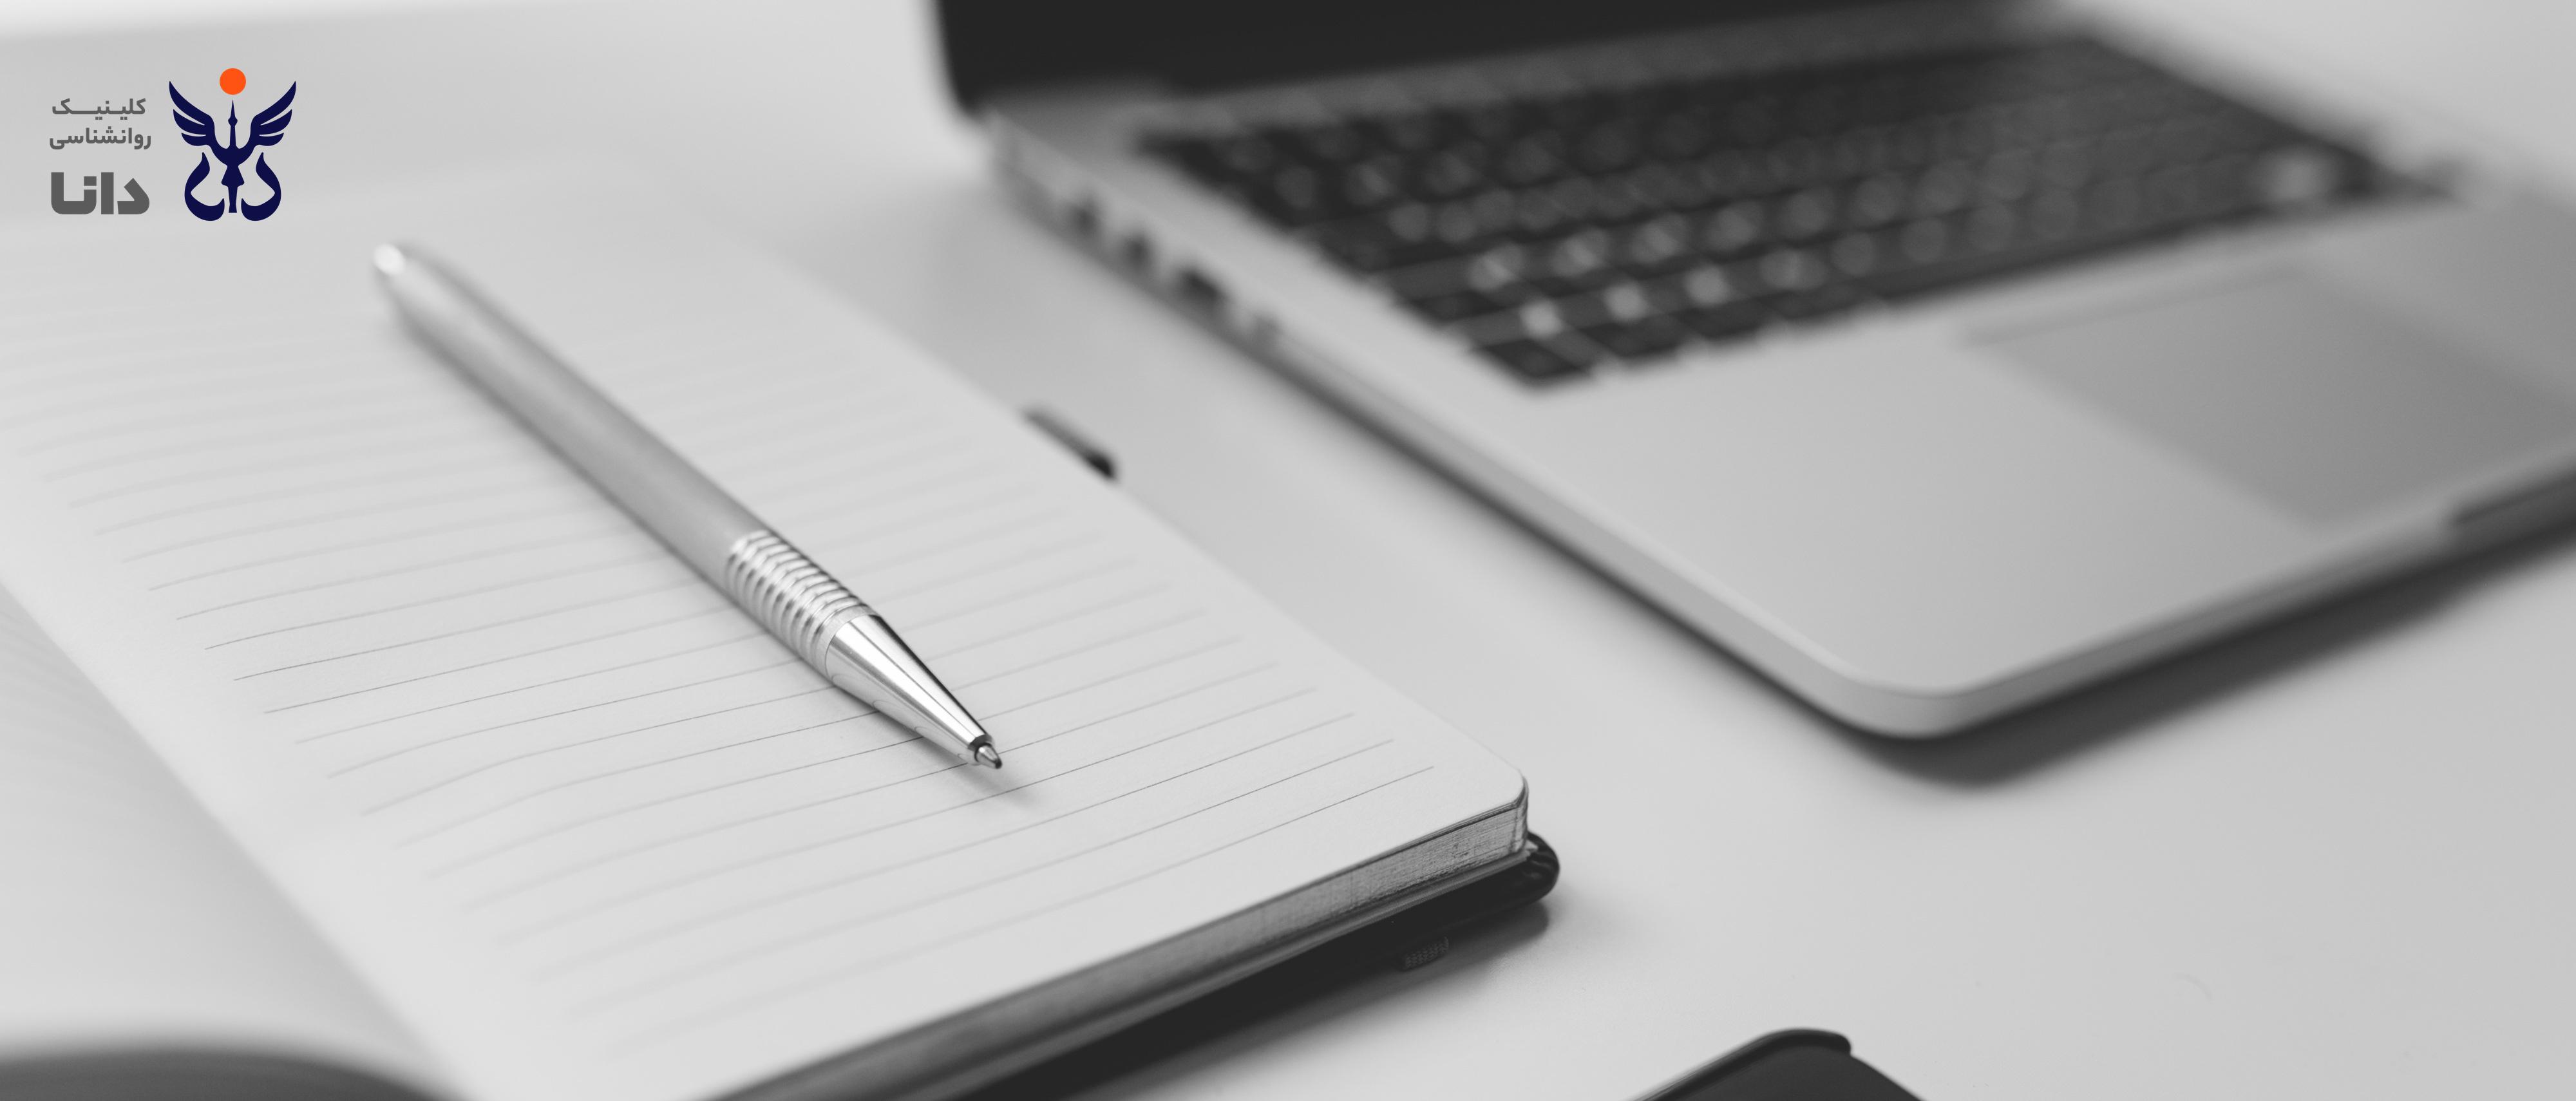 قوانین و شرایط مناسب برای مشاوره آنلاین از نگاه انجمن روانشناسی آمریکا (APA)